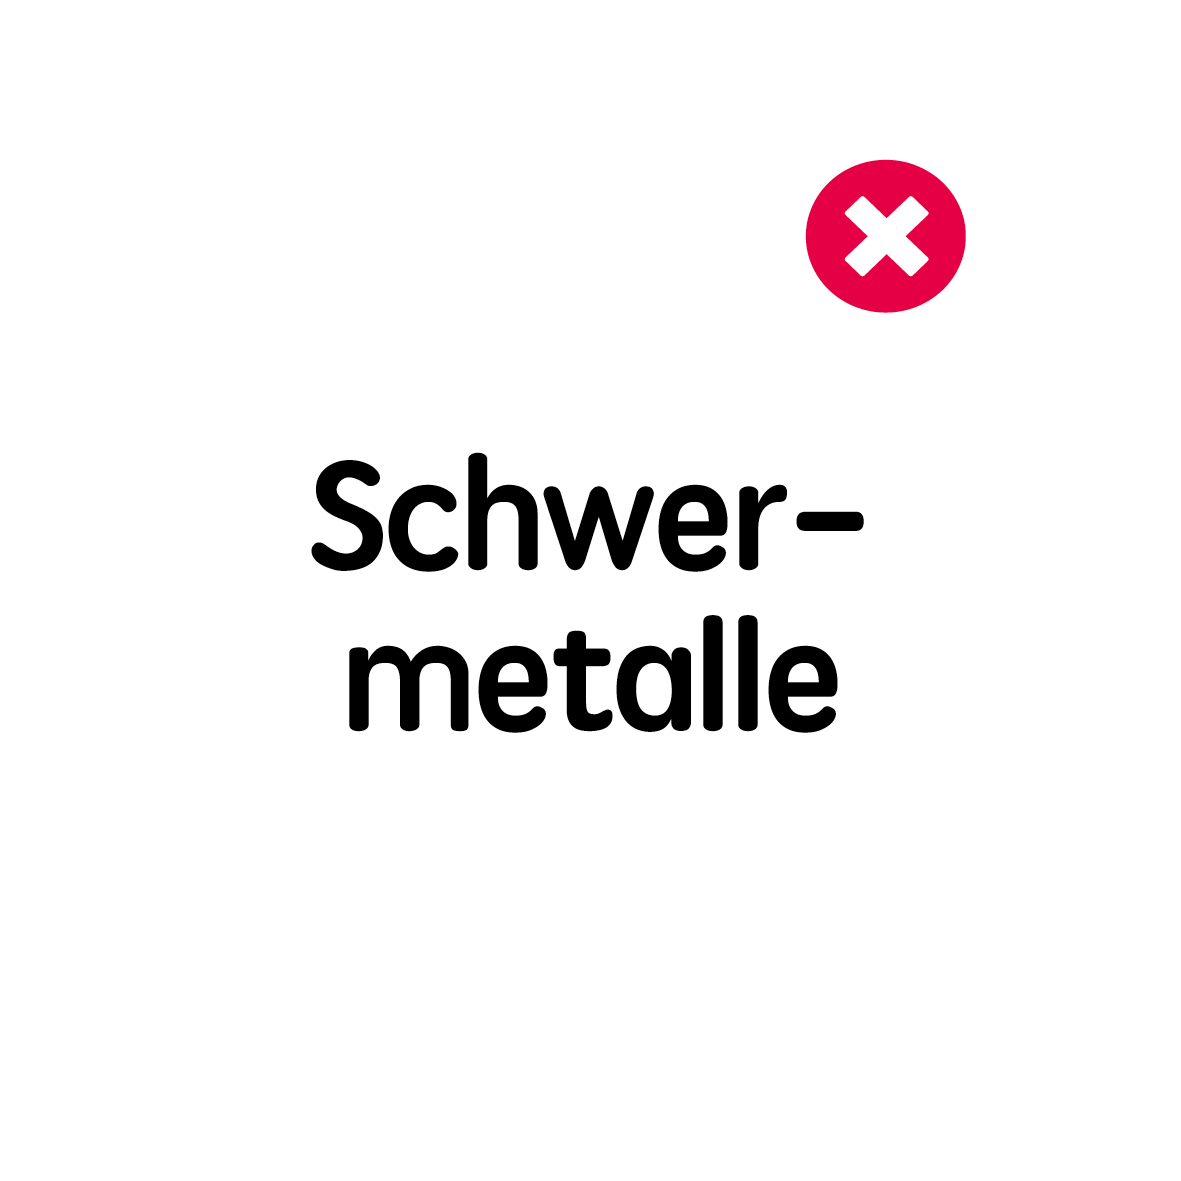 Schwermetalle